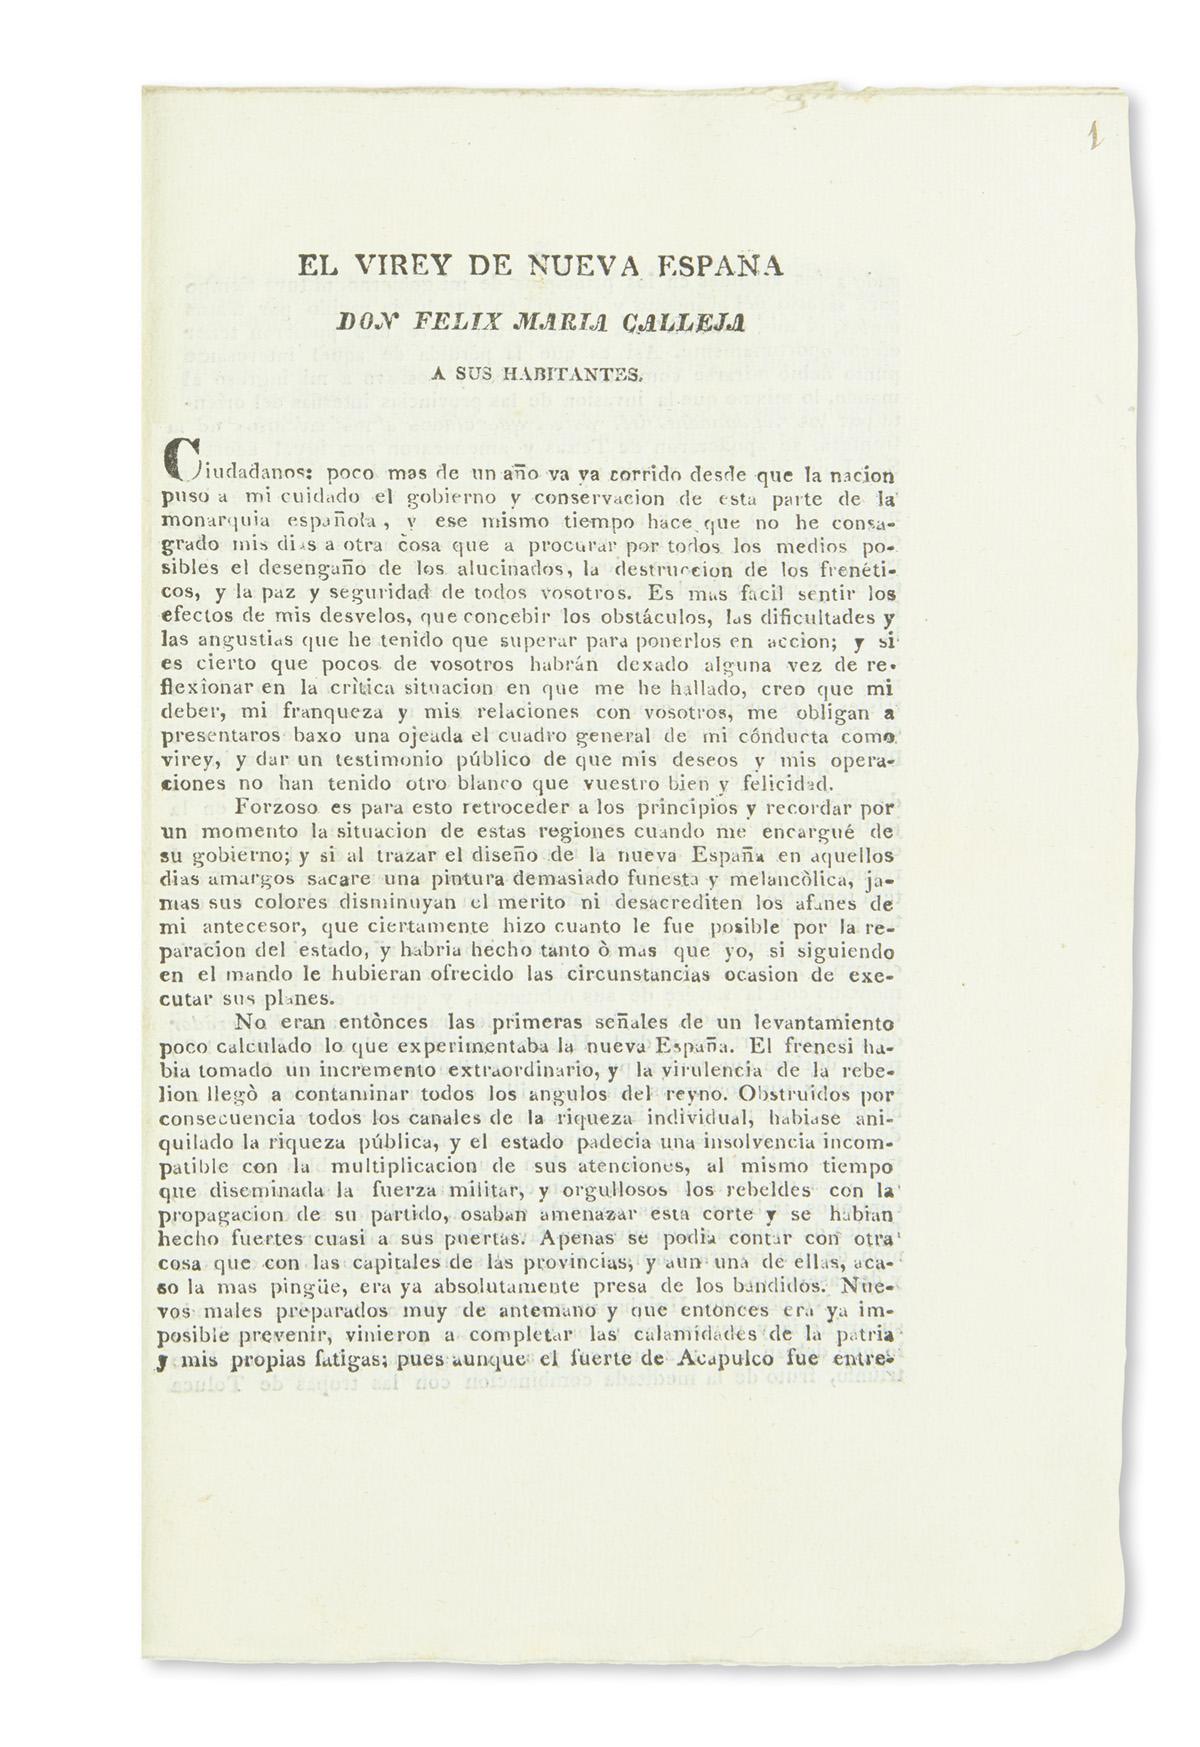 (TEXAS.) Calleja del Rey, Felix María. El virey de Nueva España . . . a sus habitantes.